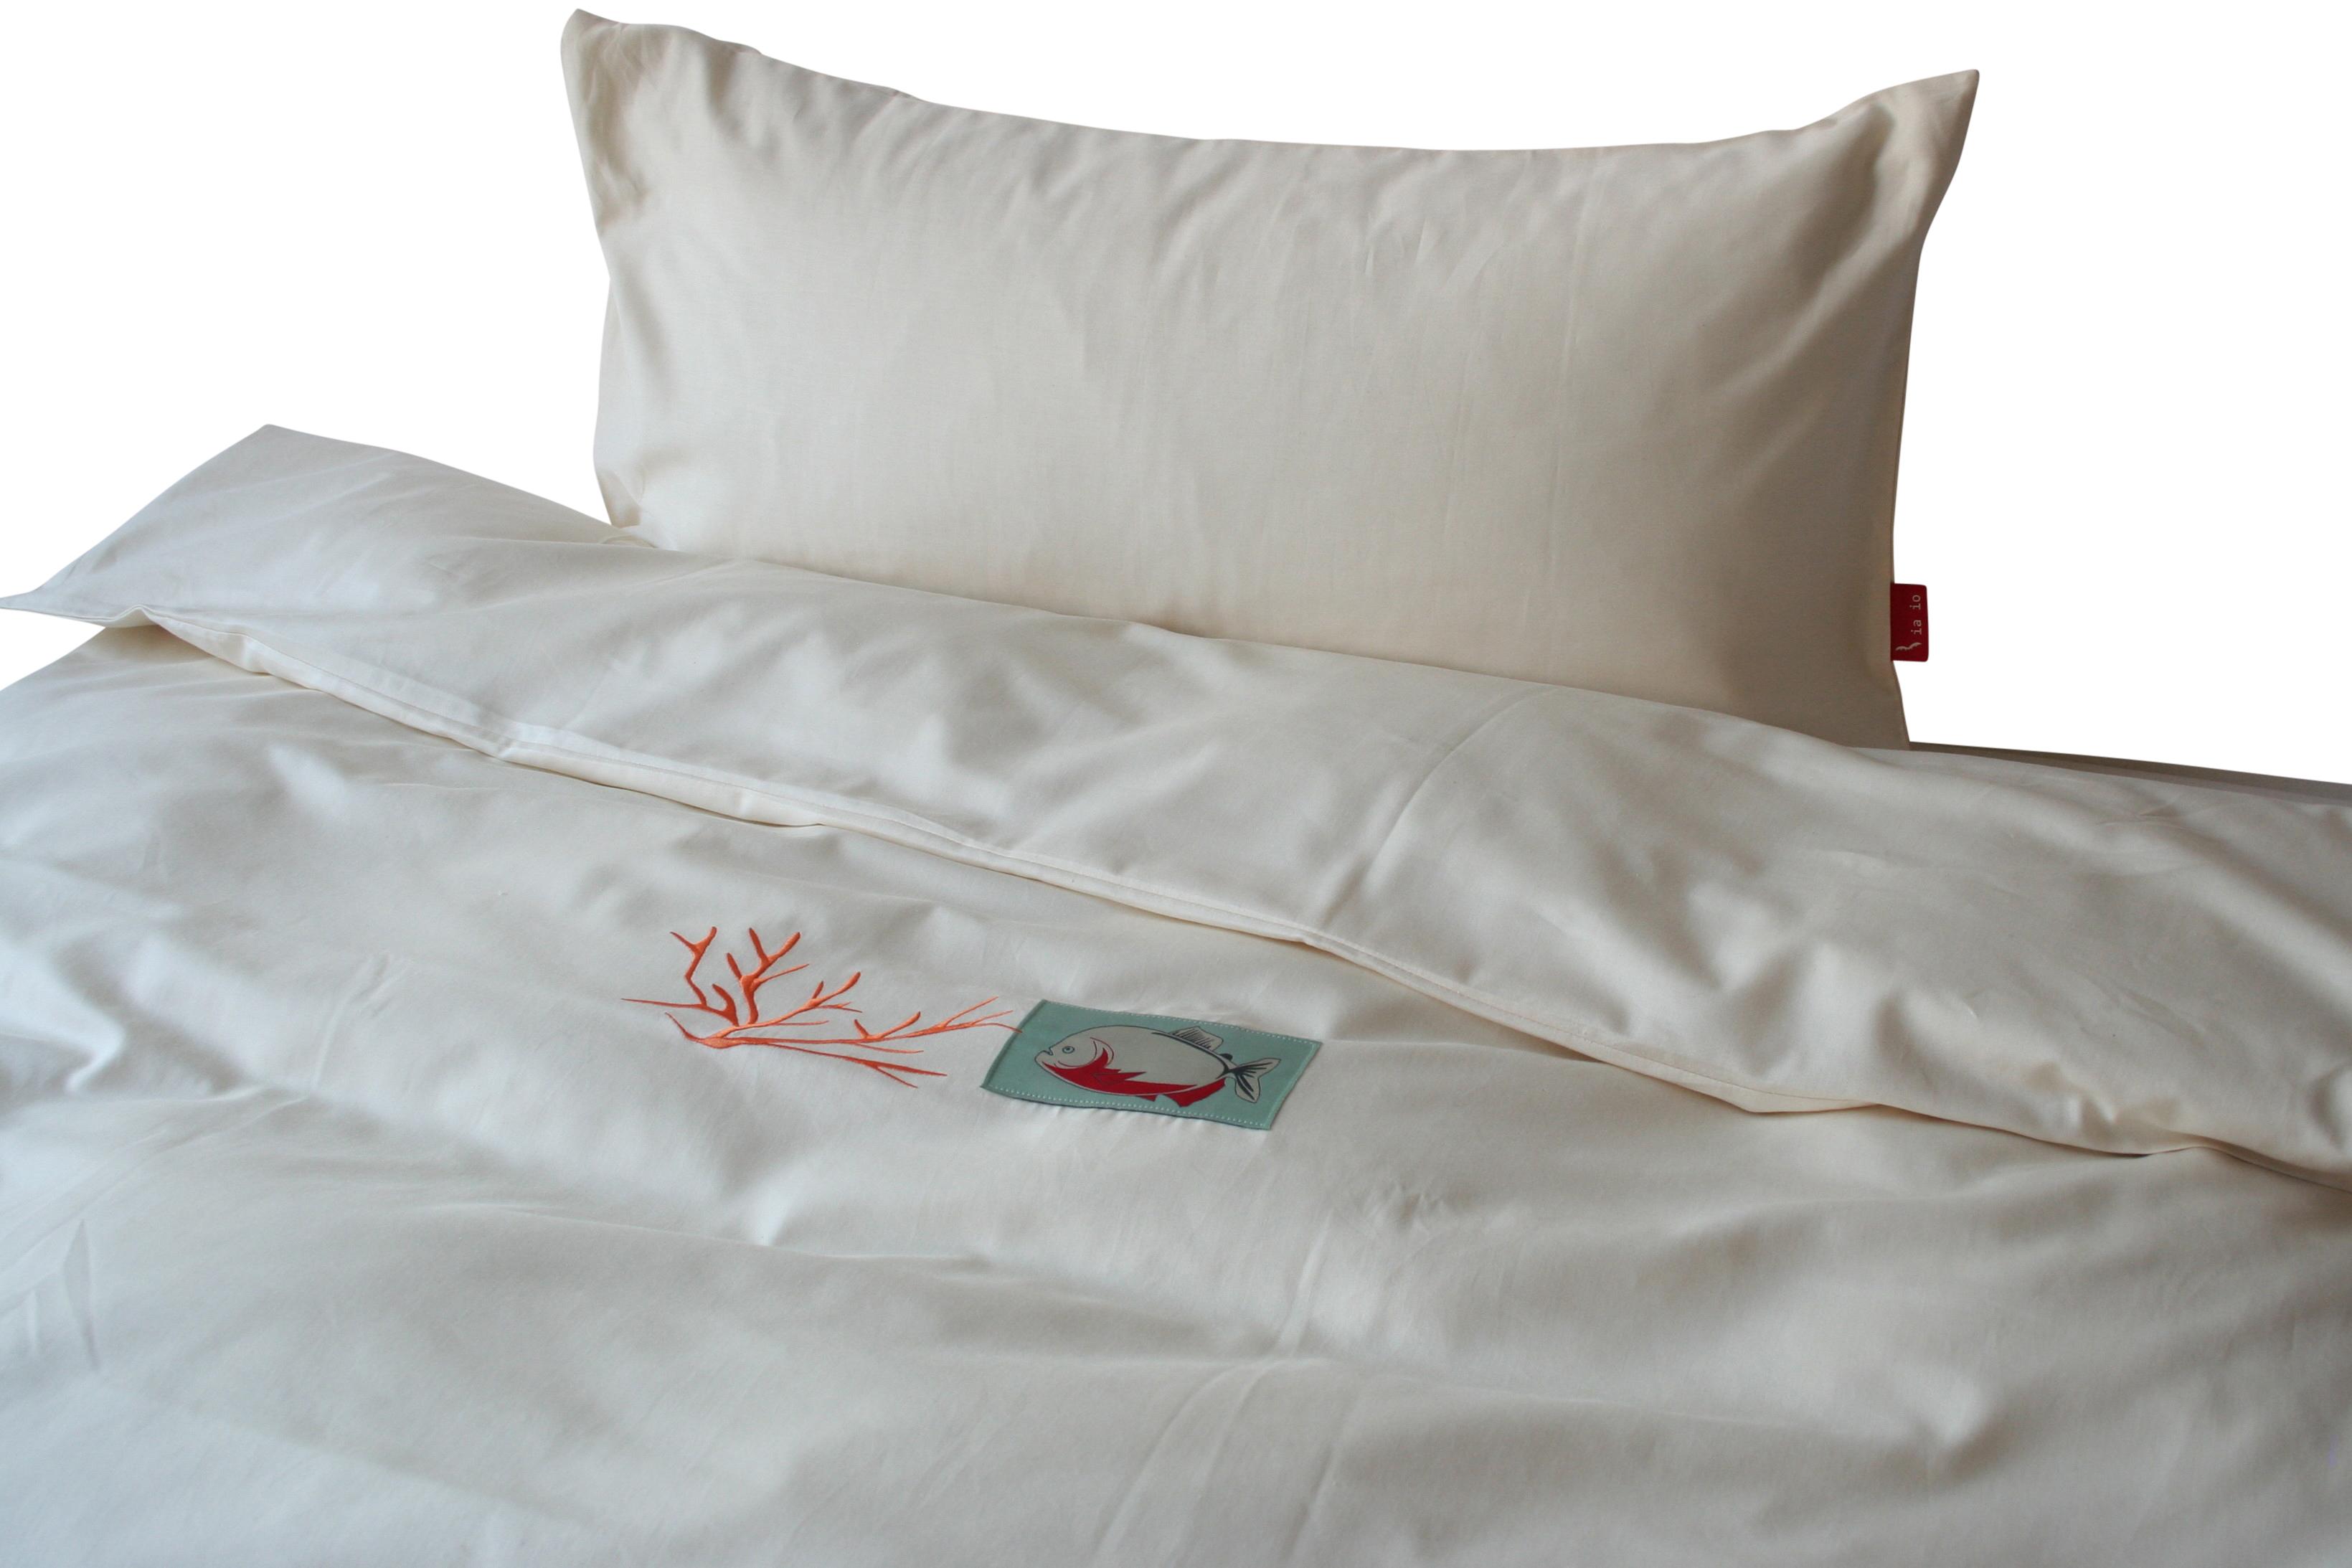 Bettbezug Piranha & Koralle aus Bio-Baumwolle 135 x 200 cm